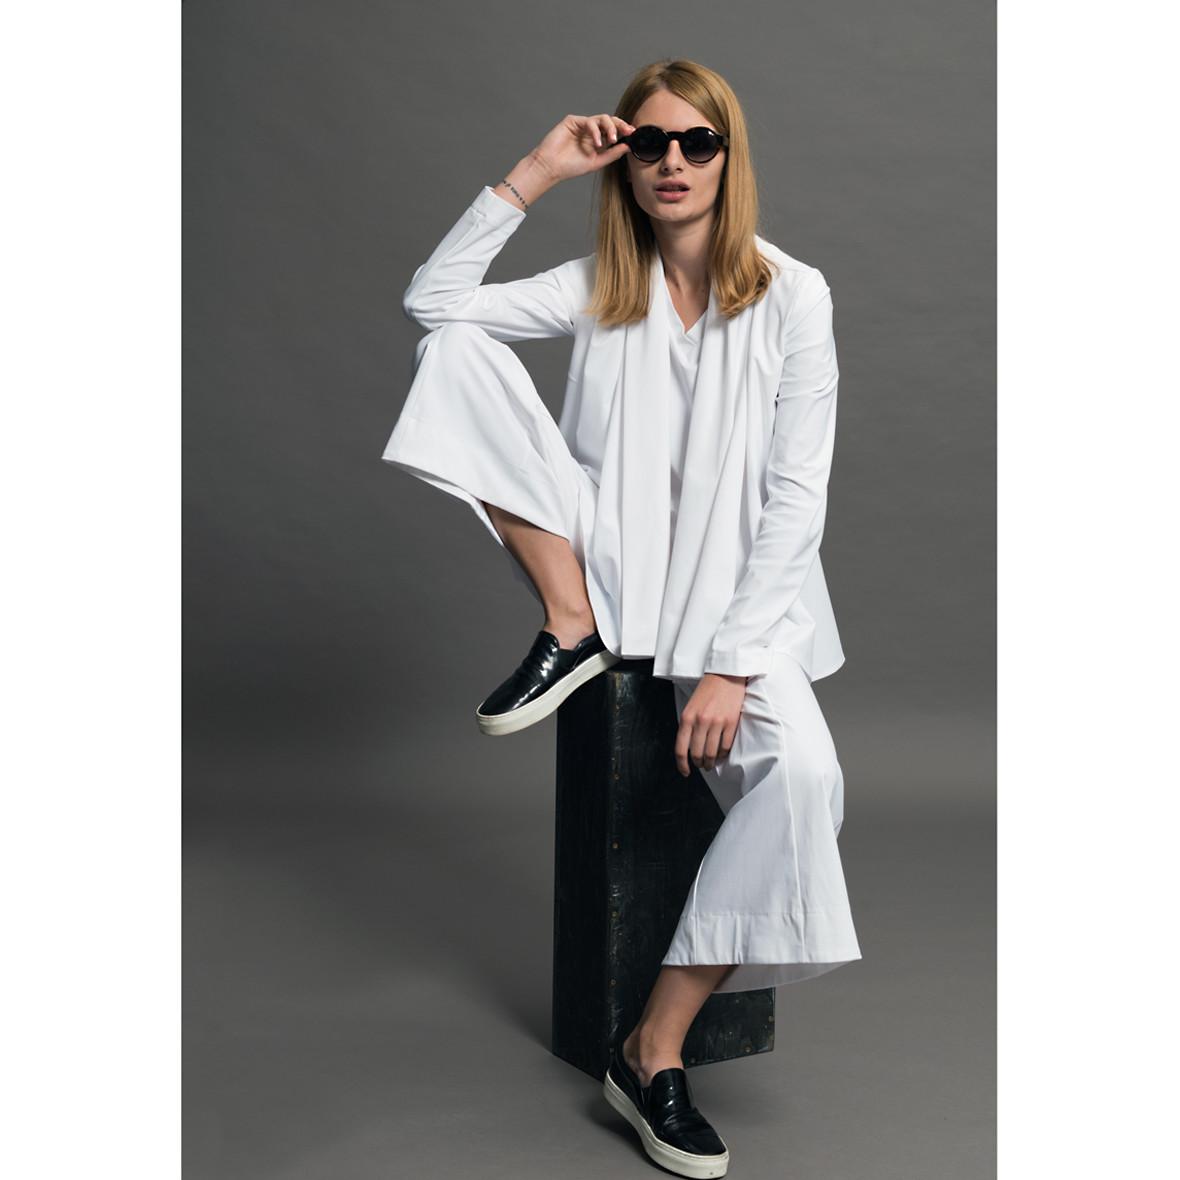 Frühlingshafte Mode Magdalena Ernst